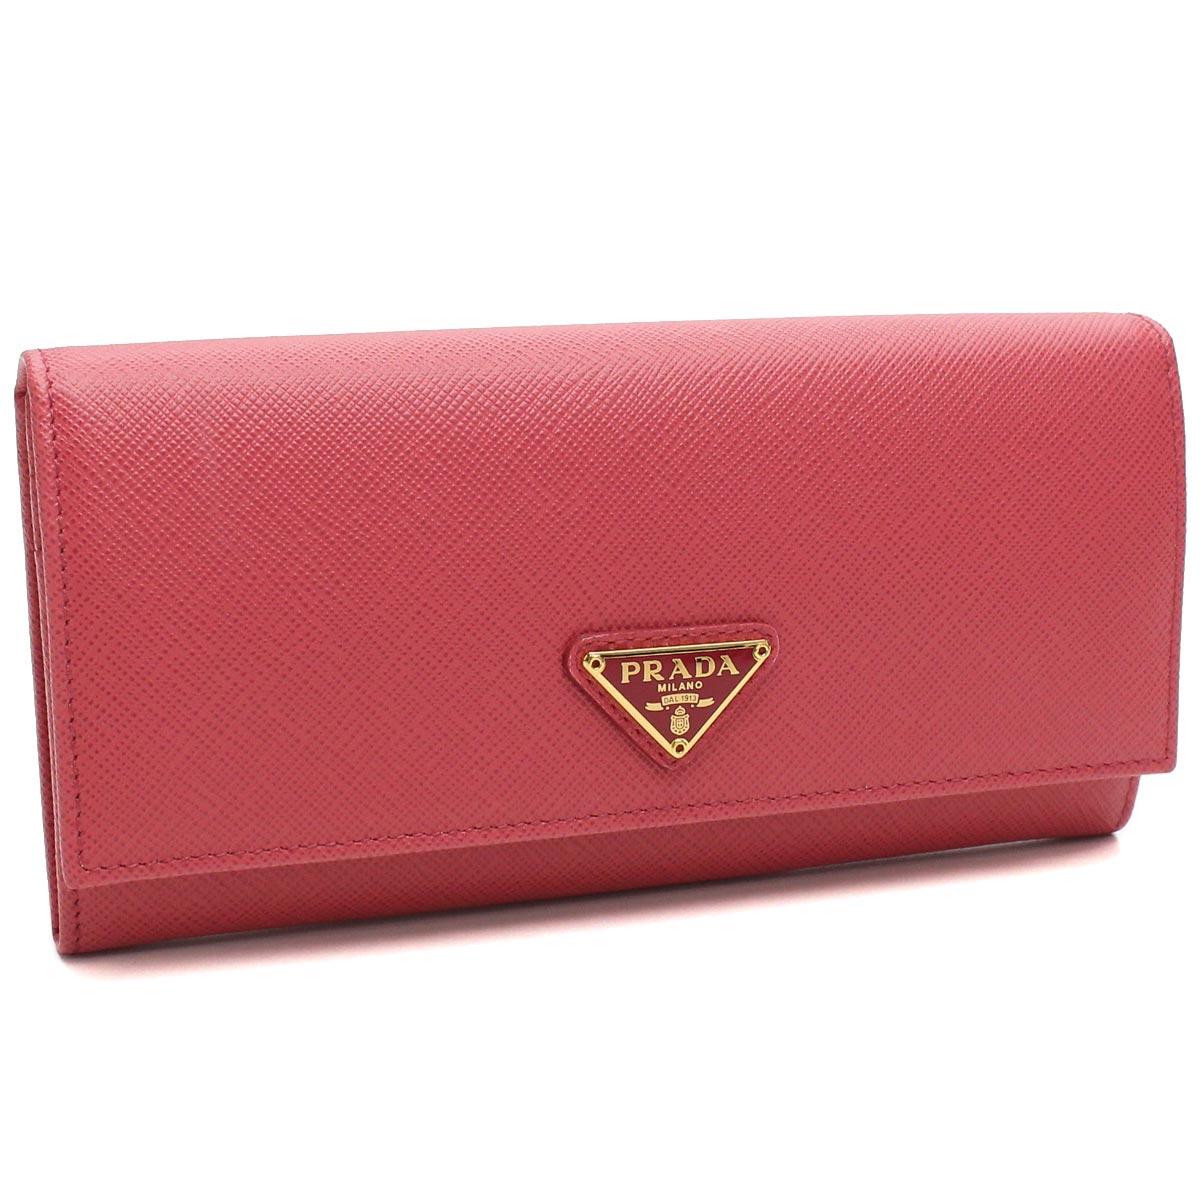 プラダ PRADA 財布 二つ折り 長財布 小銭入れ付き 1MH132 QHH F0505 PEONIA ピンク系 レディース サフィアーノ